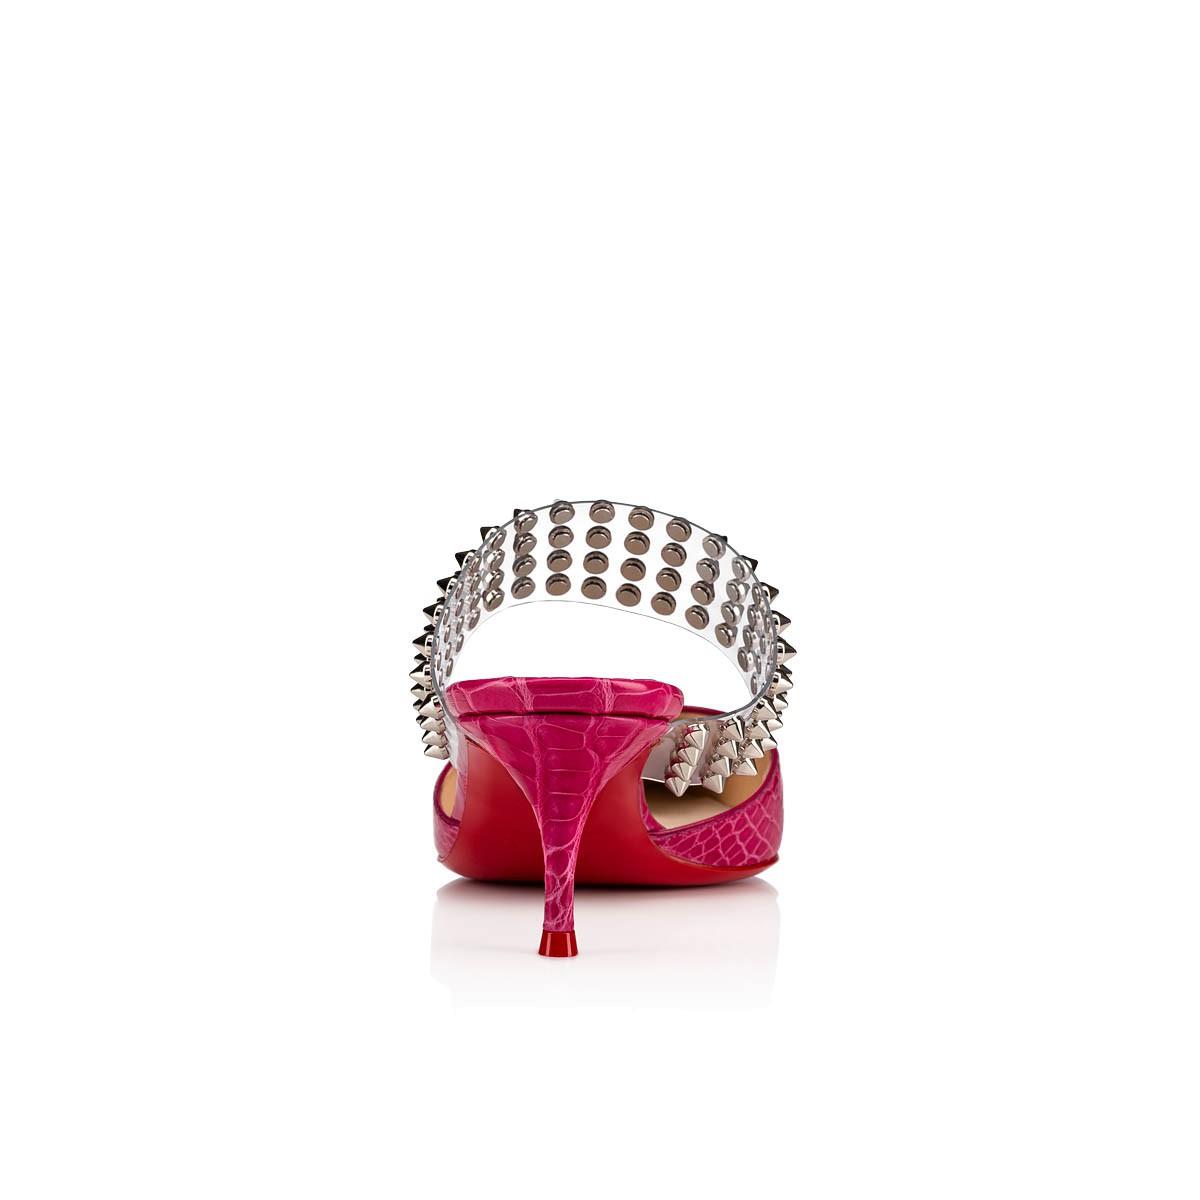 鞋履 - Levita Mule 055 Croco - Christian Louboutin